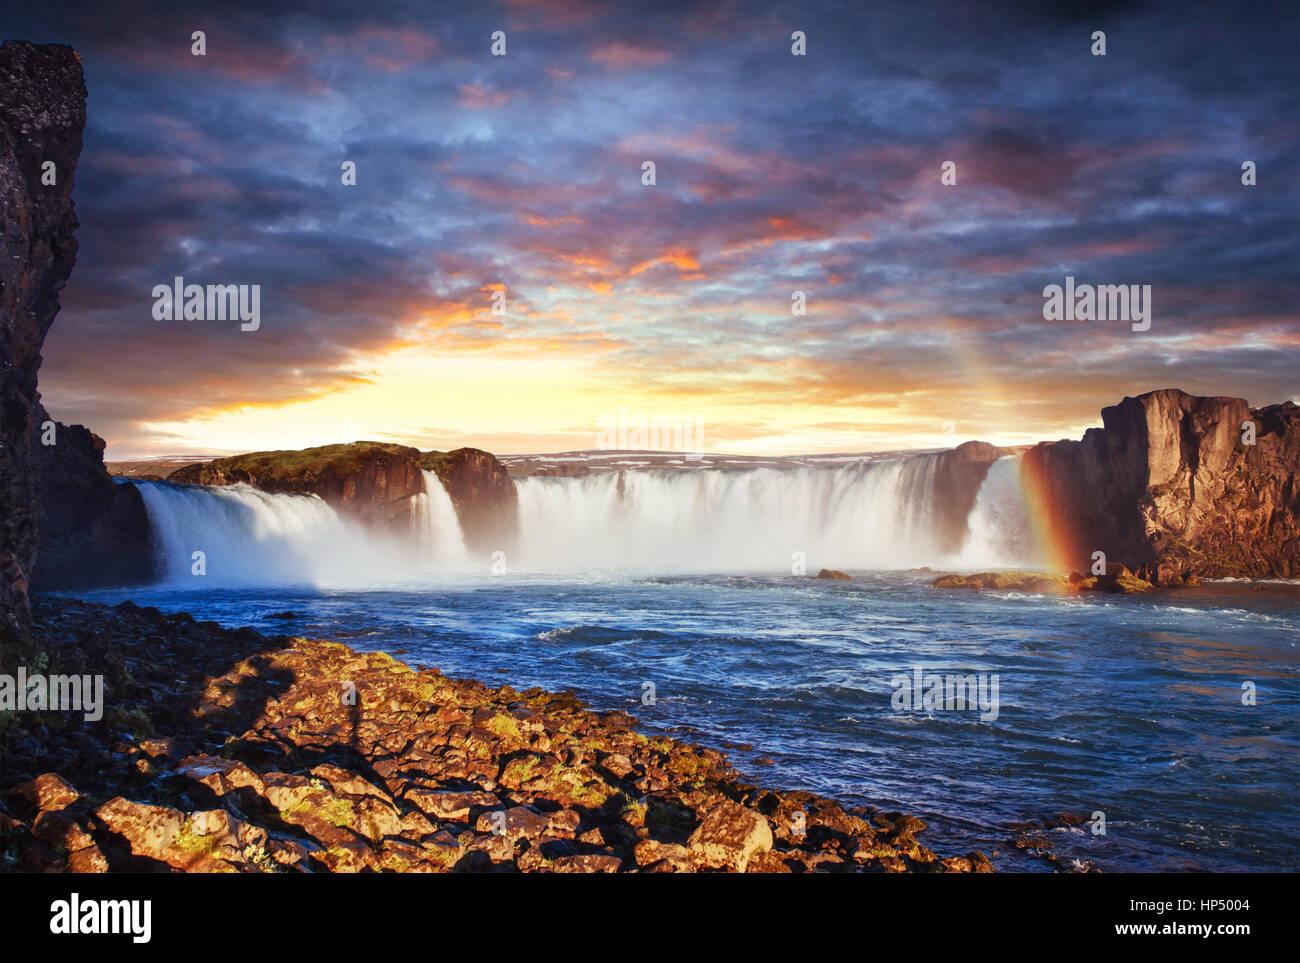 Godafoss Wasserfall bei Sonnenuntergang. Beauty-Welt. Island, Europa Stockbild